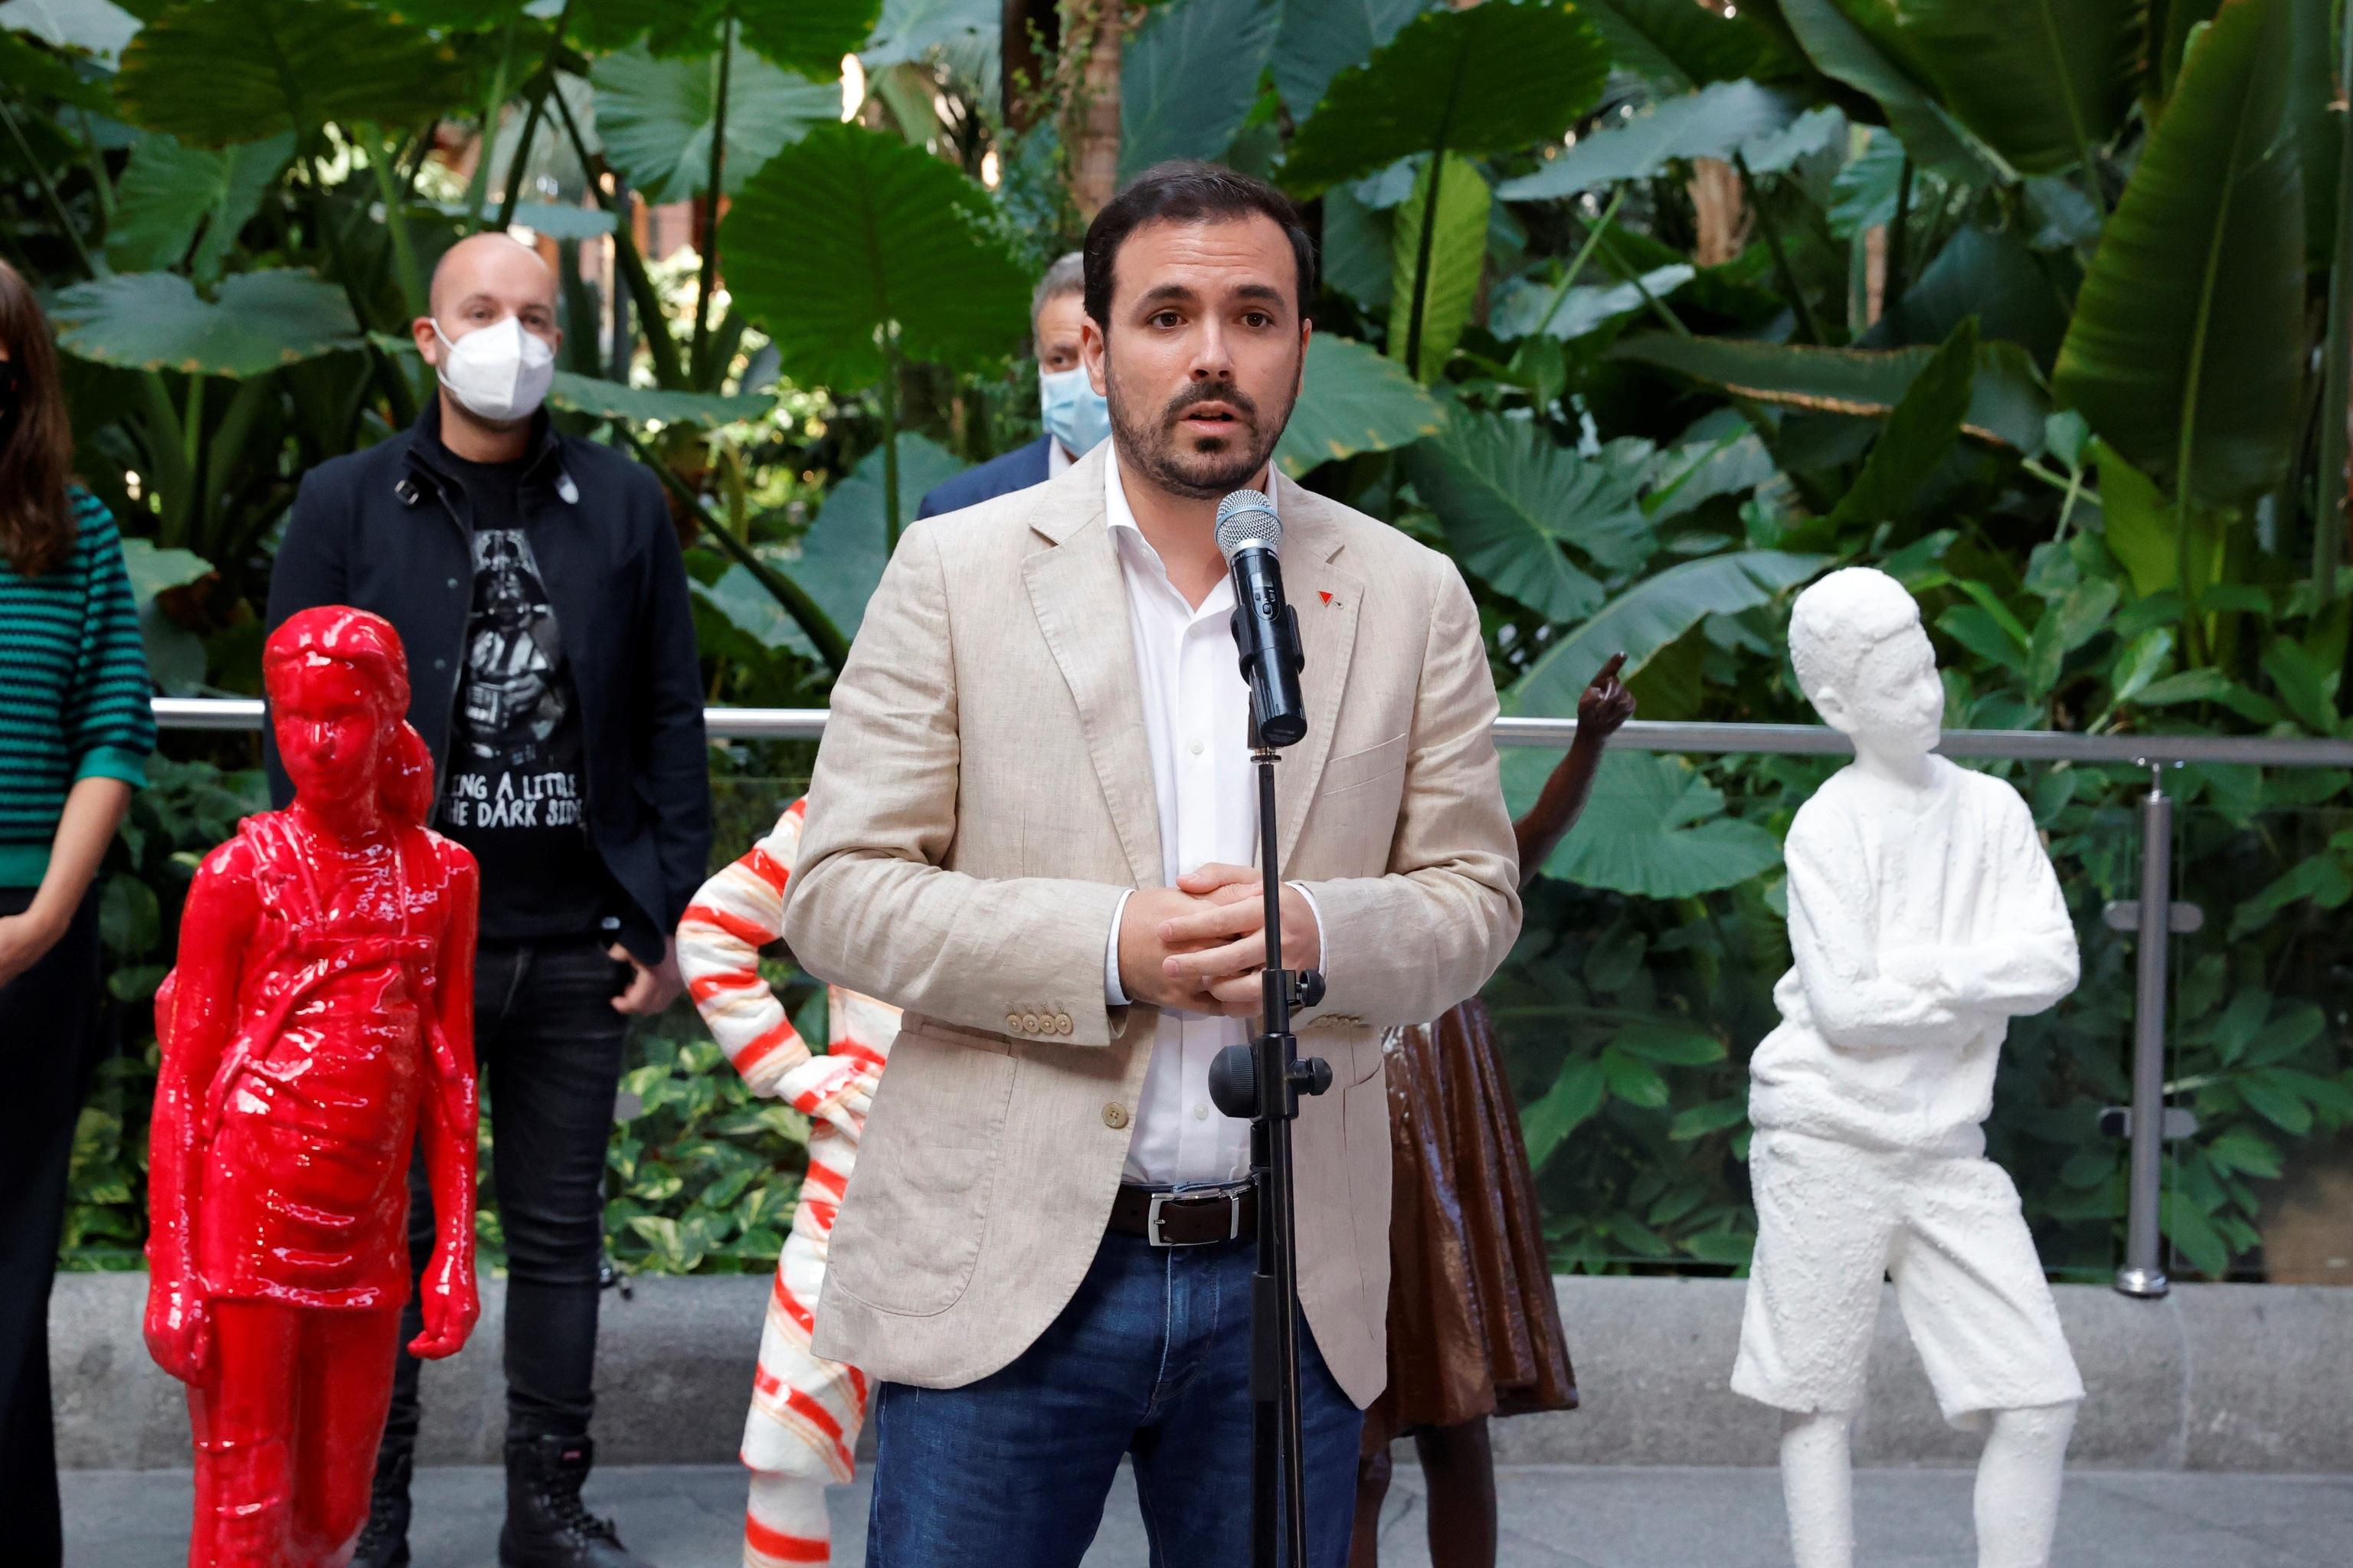 El ministro de Consumo, Alberto  Garzón, presenta la campaña Hijos del azúcar este sábado